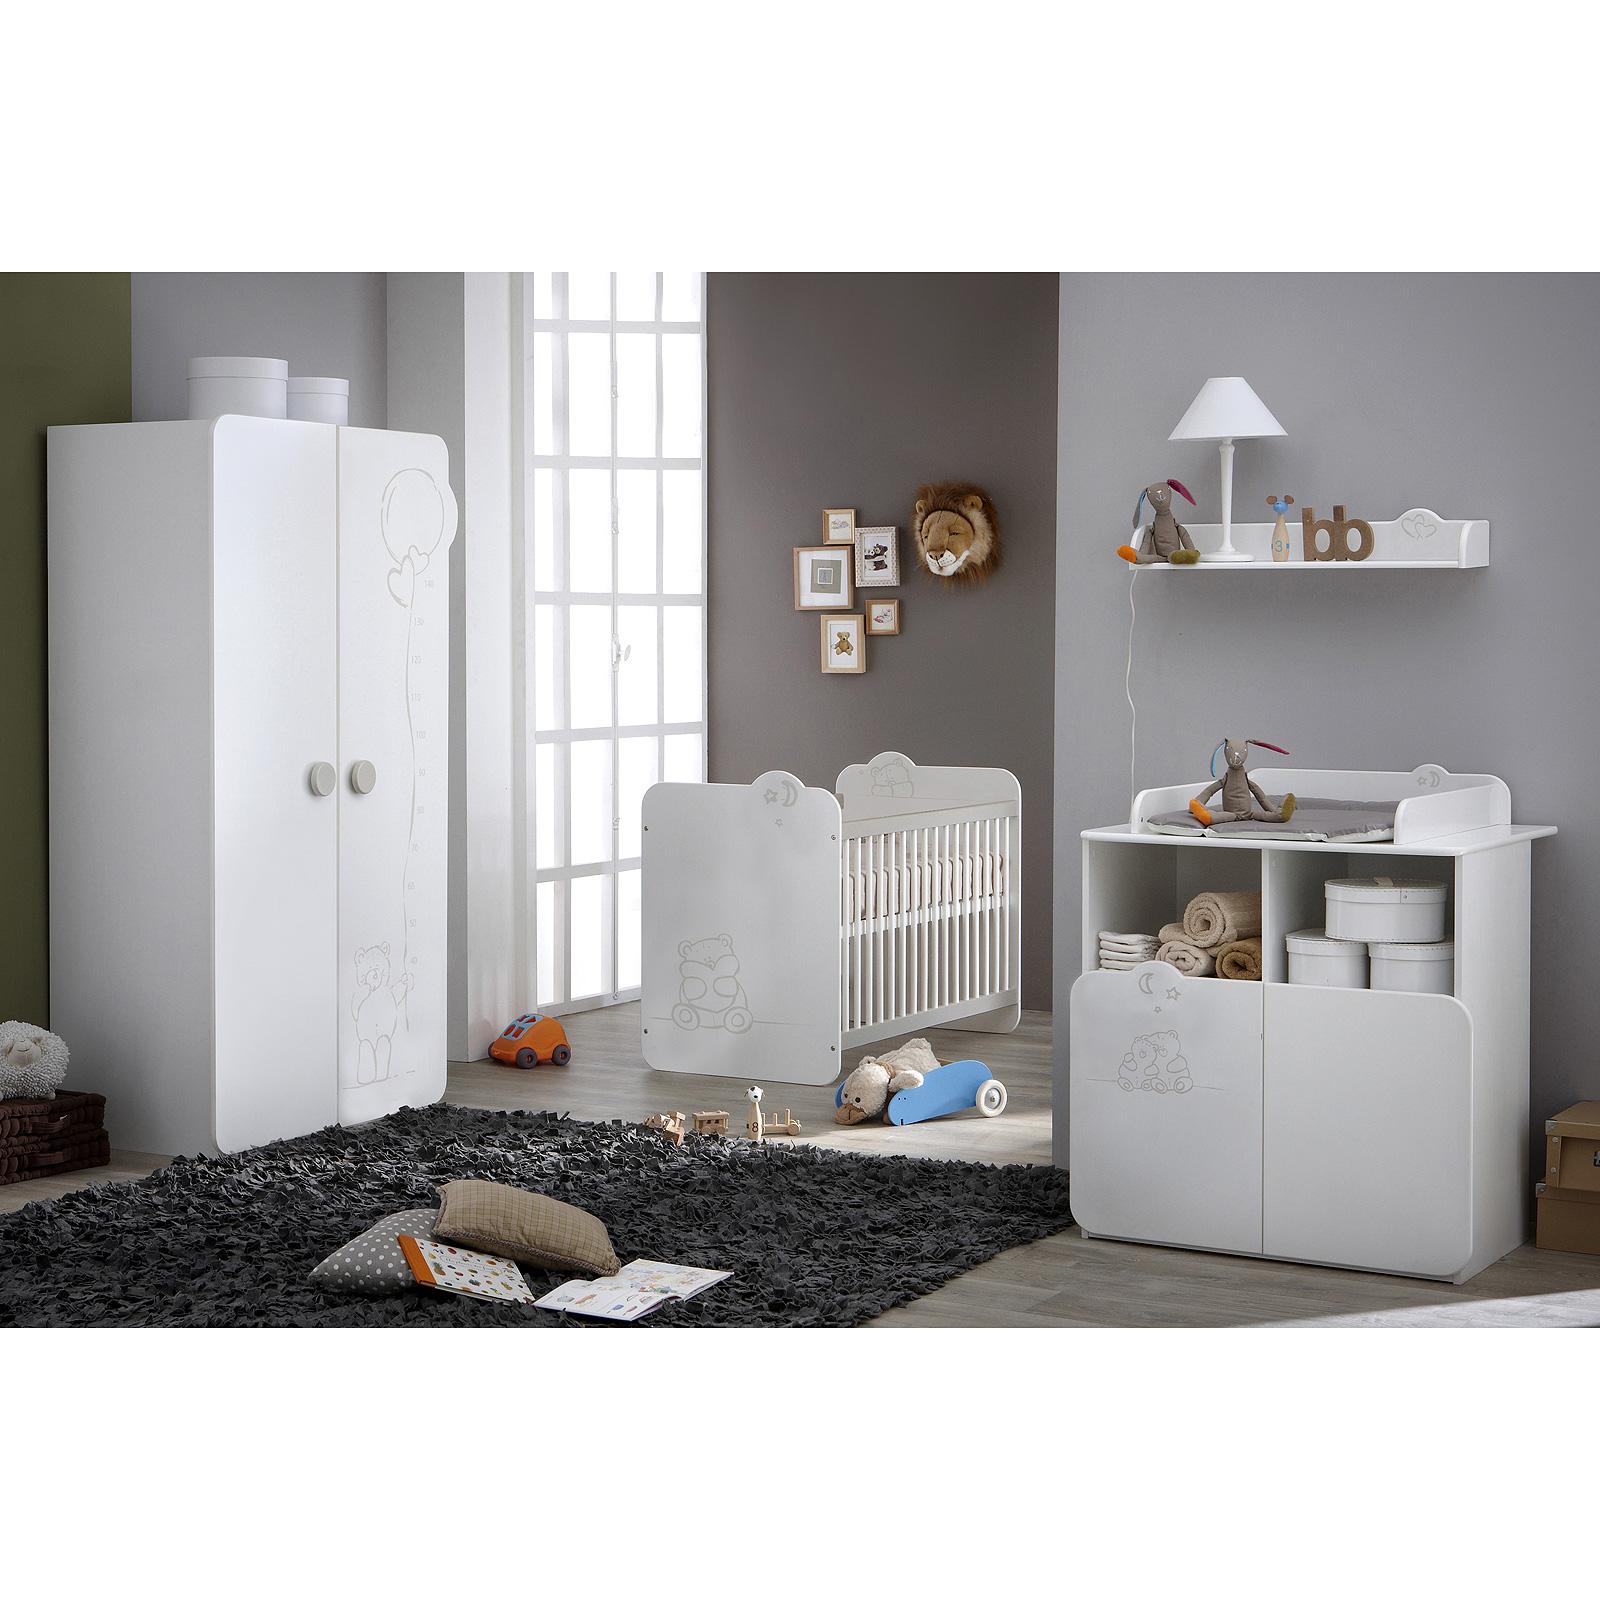 babyzimmer teddy kinderzimmer schrank bett wei mit teddymotiv. Black Bedroom Furniture Sets. Home Design Ideas